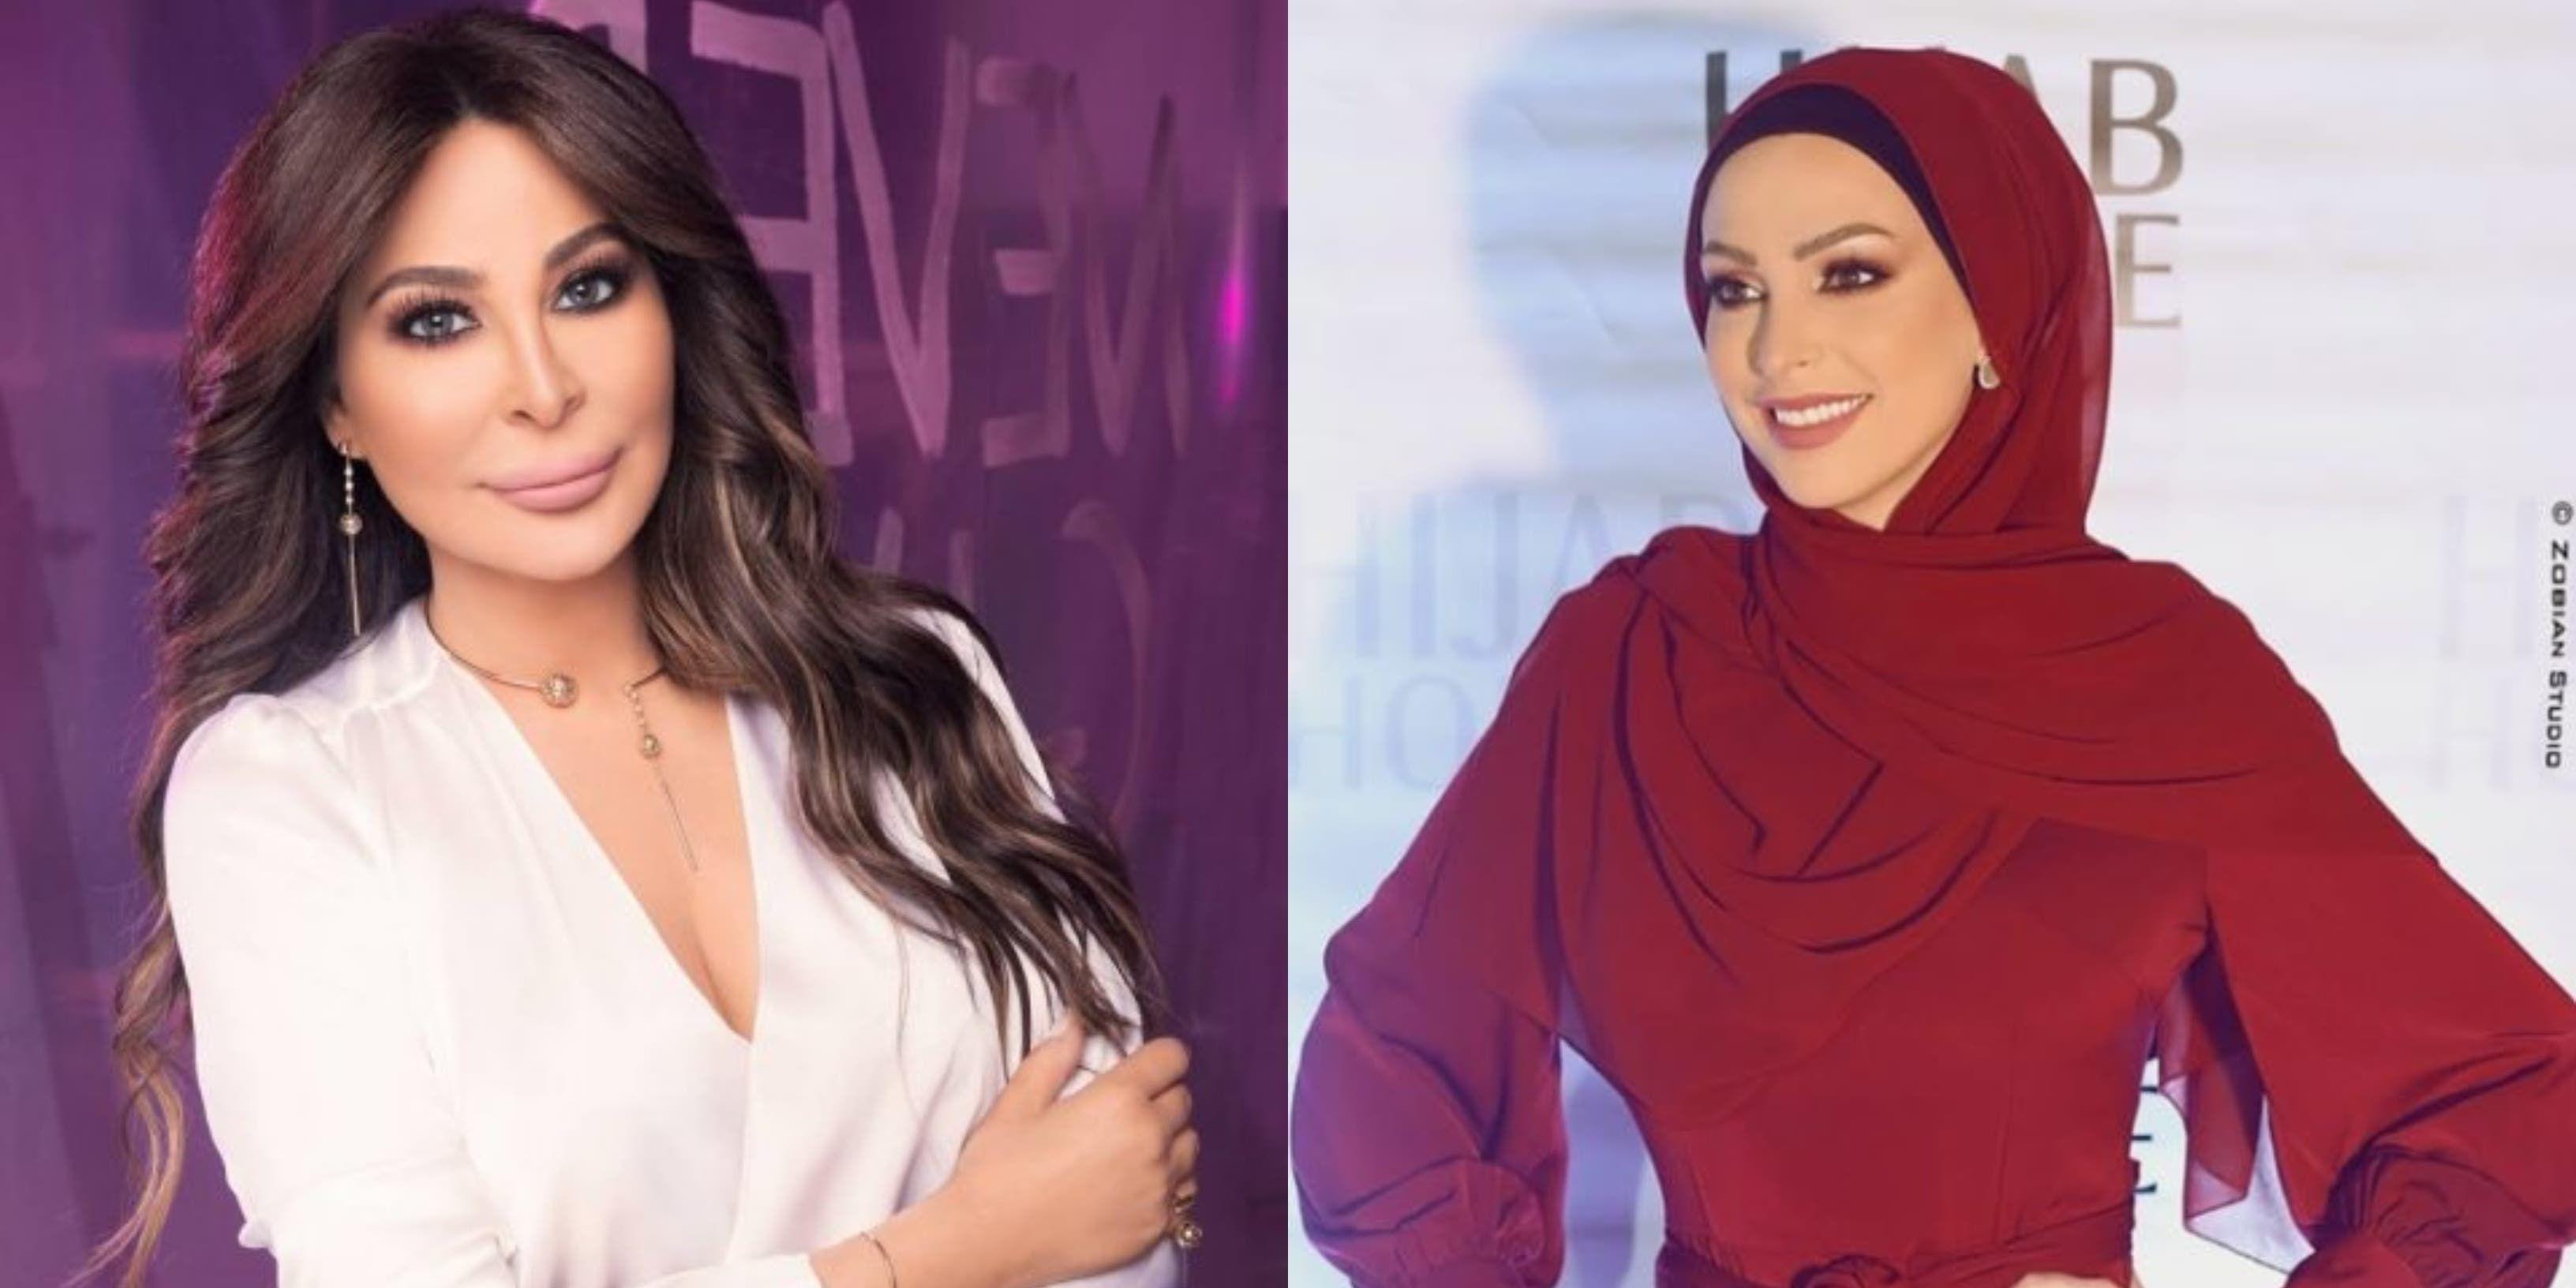 أمل حجازي لإليسا إنتي غنمة وكتير وقحة صورة Fashion Hijab